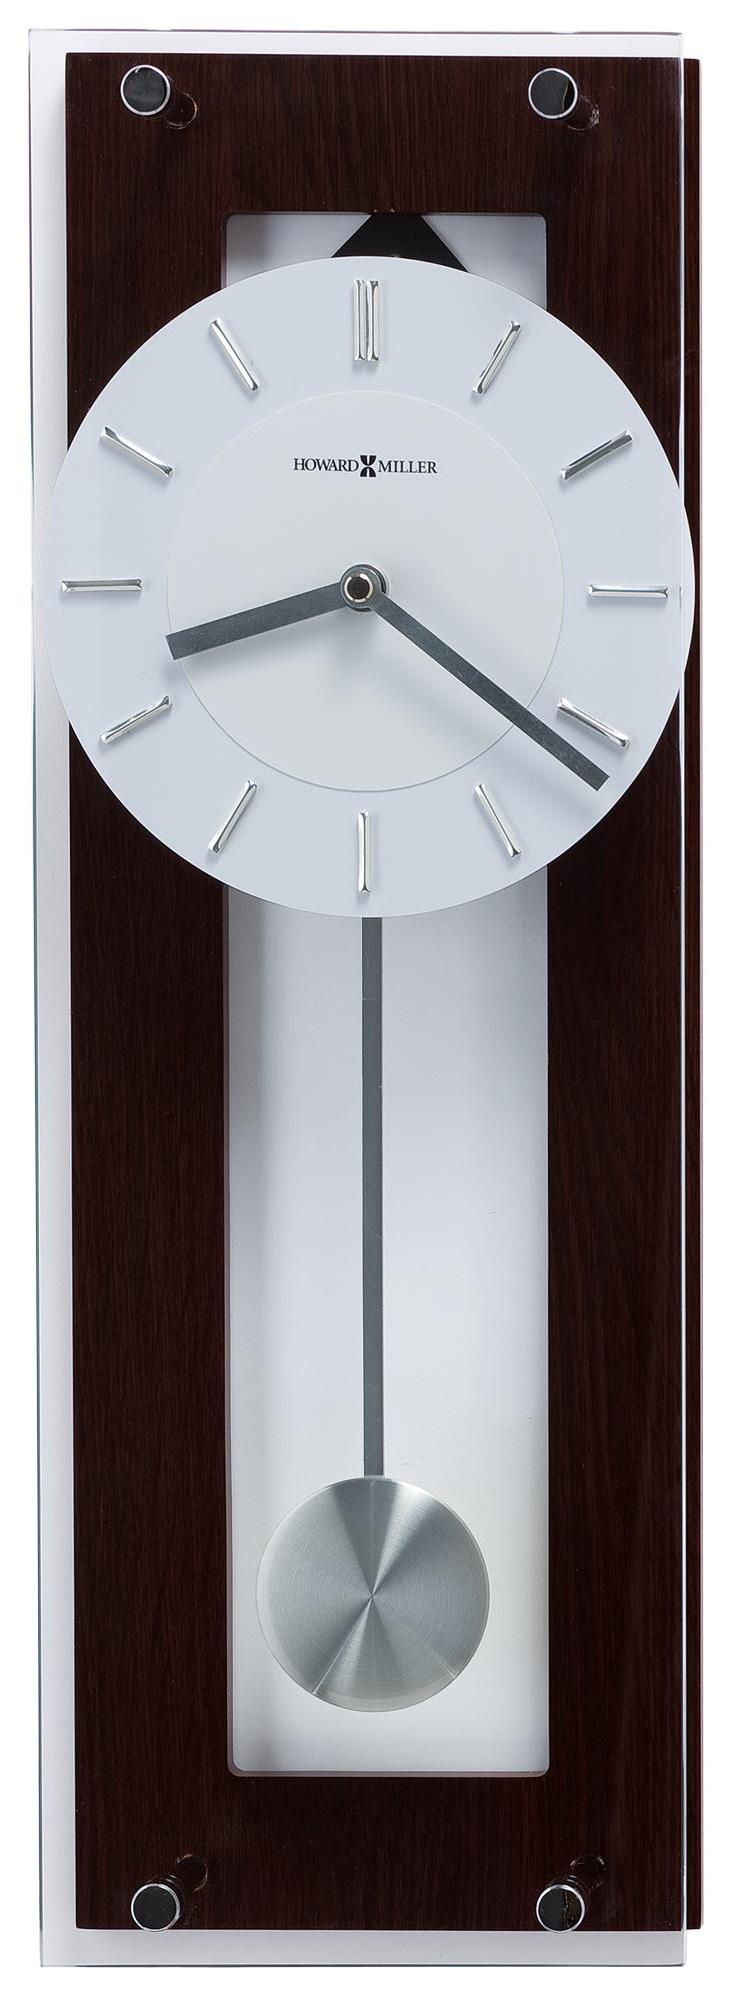 Emmett Gallery Wall Clock